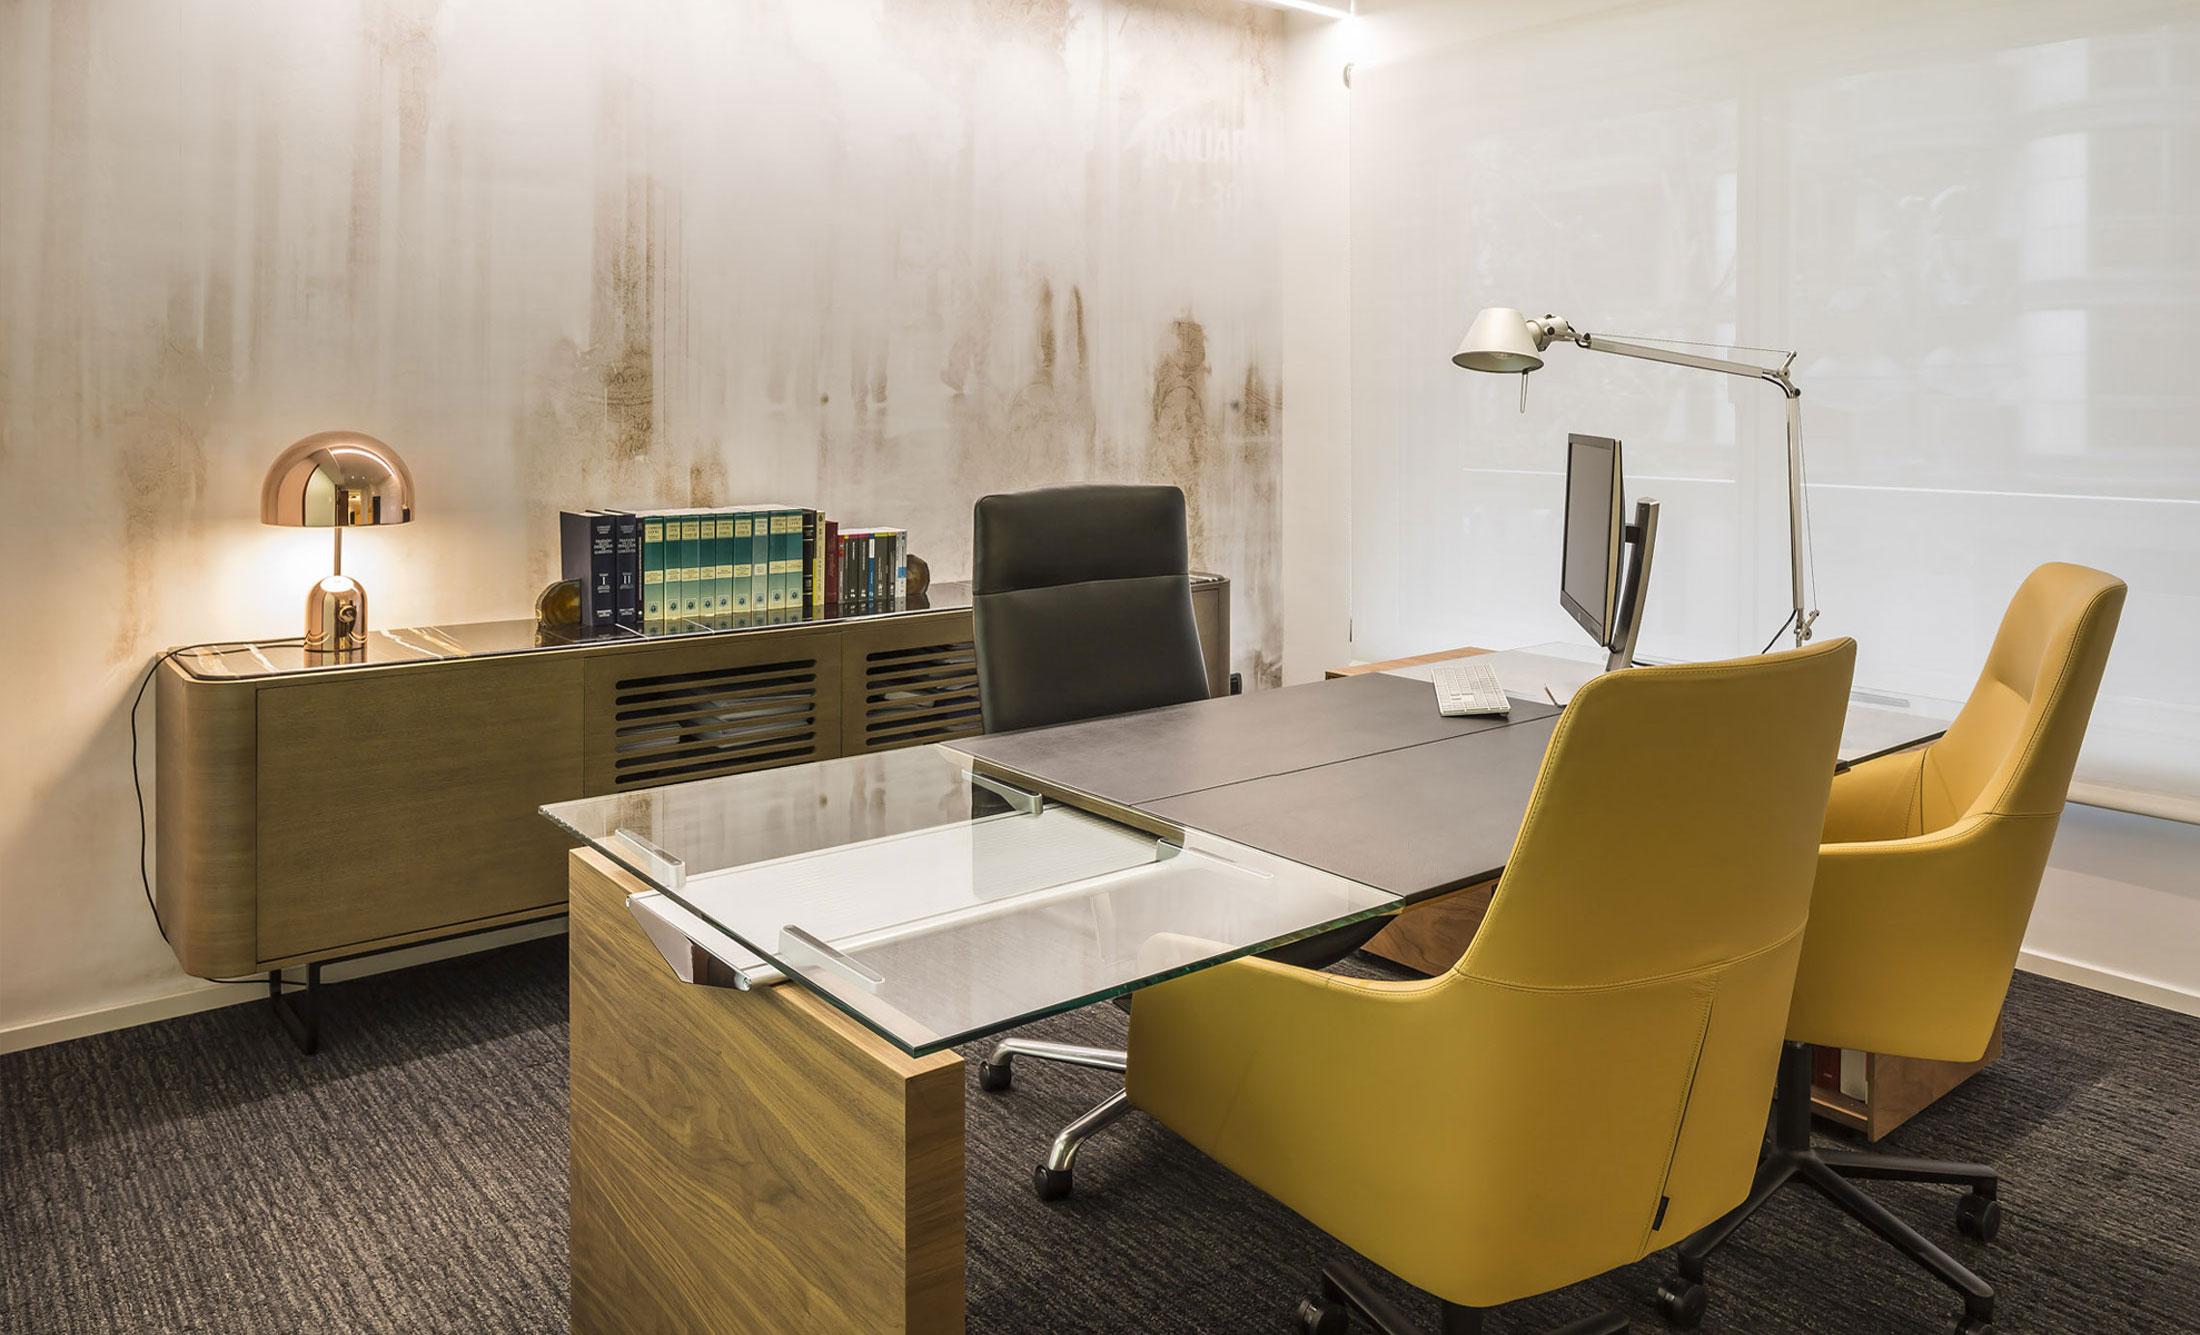 design d'intérieur dans un cabinet d'avocats - Momocca & Xavier Lledo